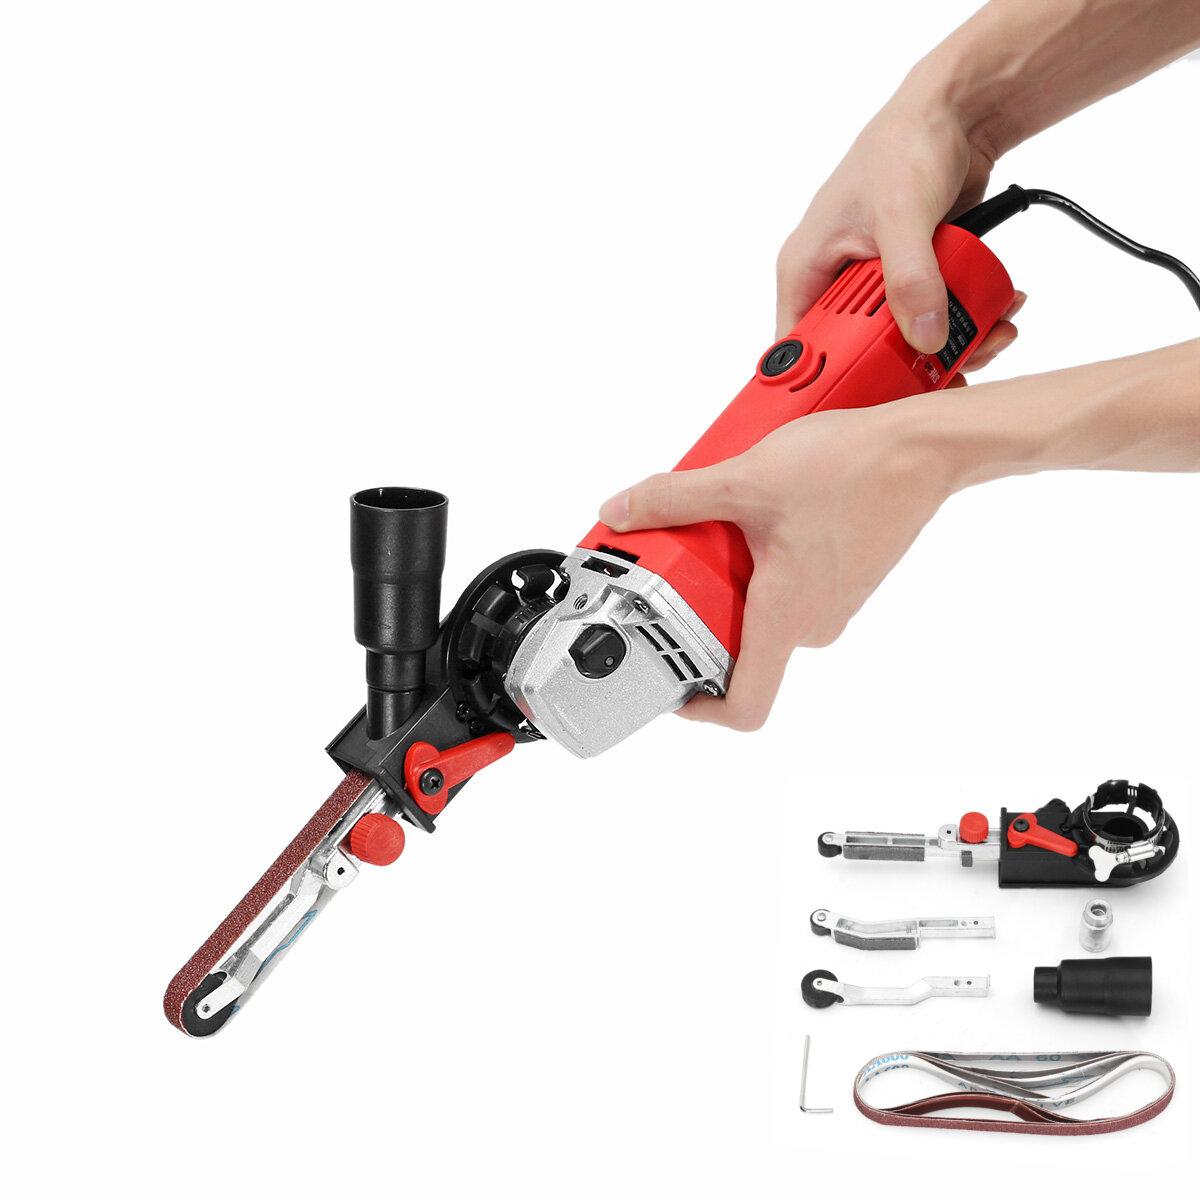 Drillpro DIY Sander Sanding Belt Adapter For 100mm 4 Inch Electric Angle Grinder